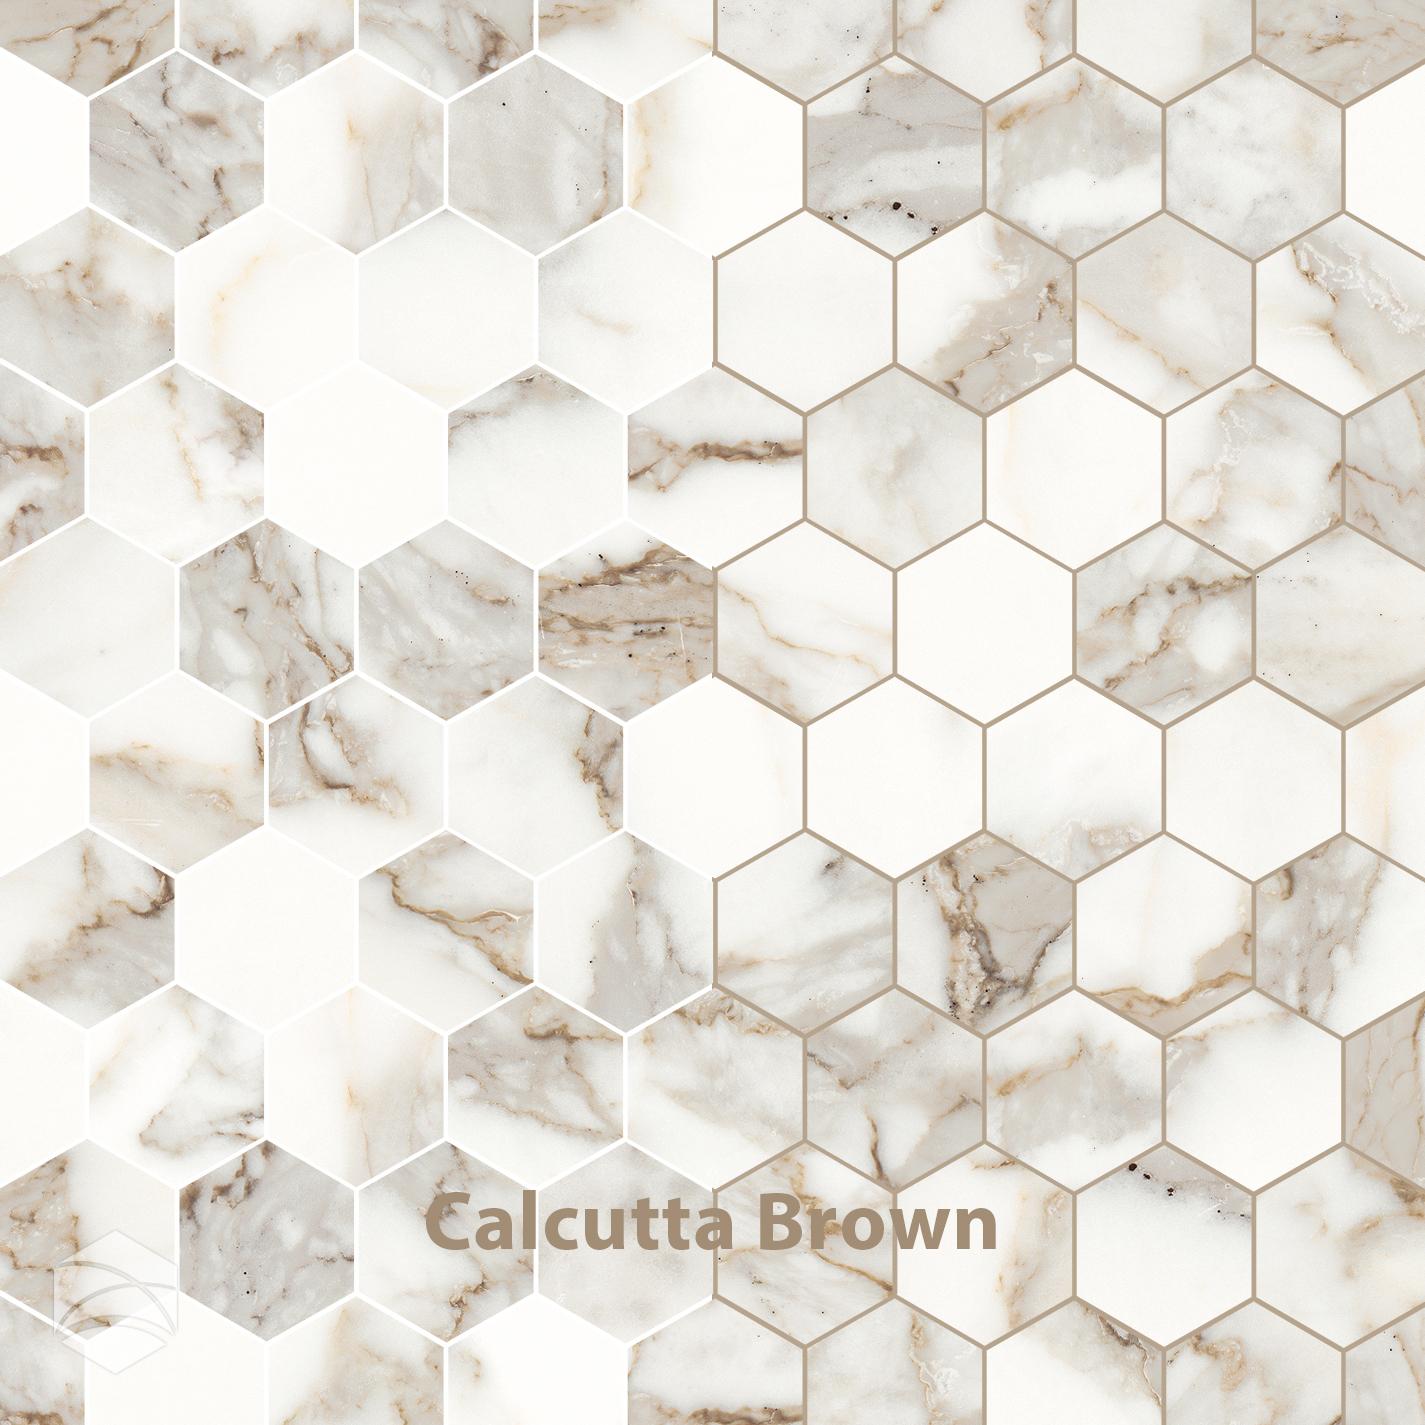 Calcutta Brown_2 in Hex_V2_14x14.jpg